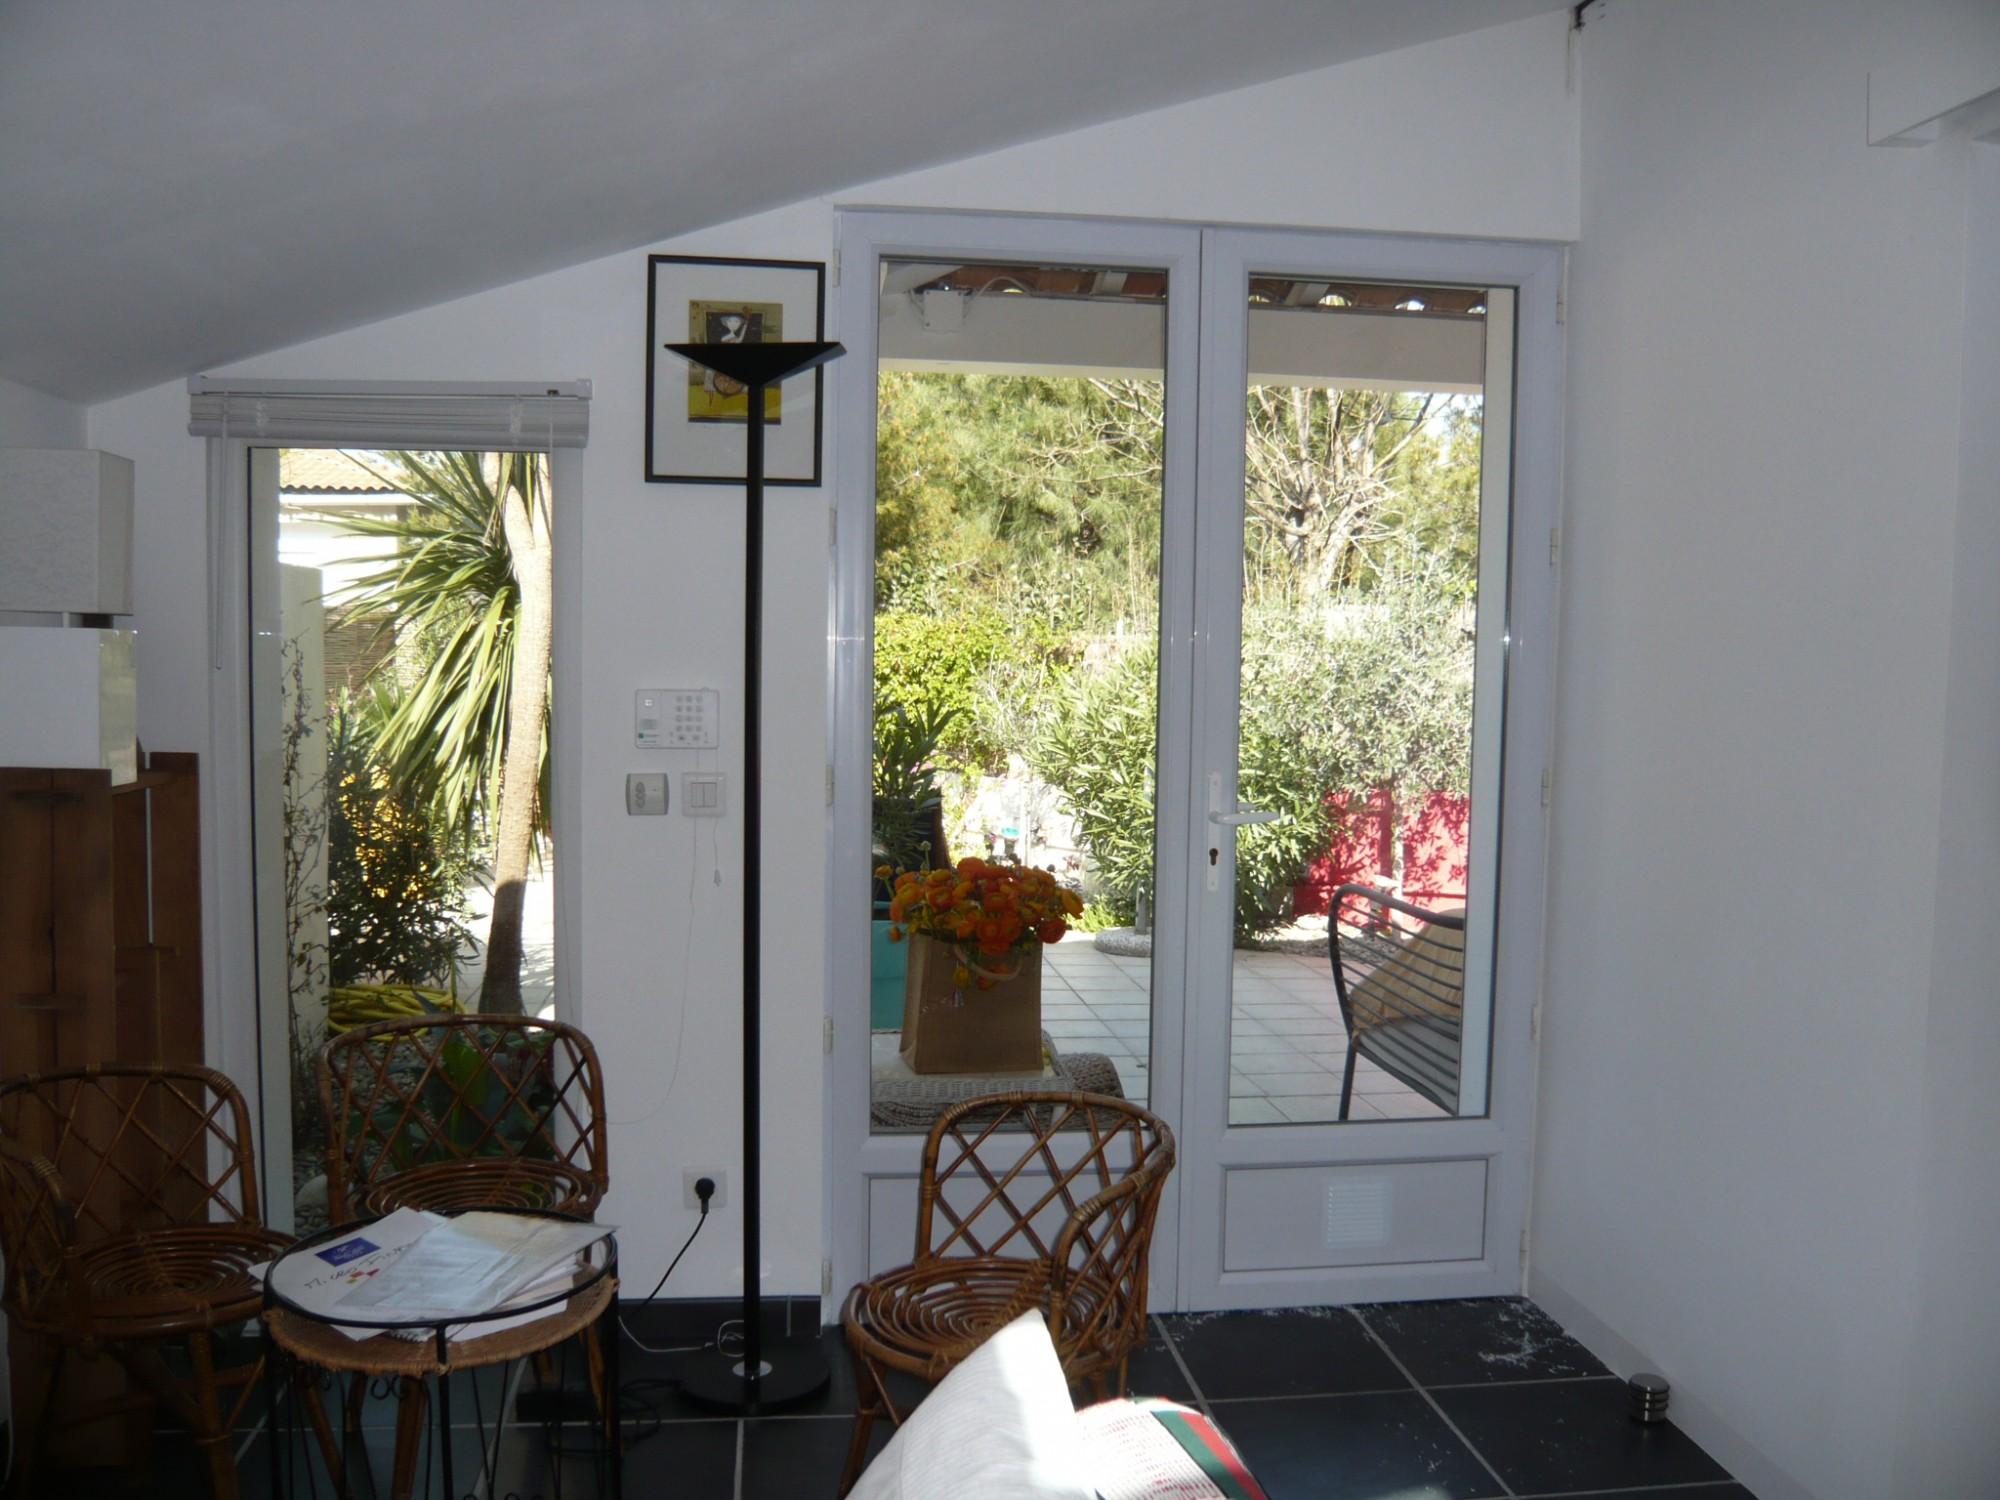 Ventes maison t3 f3 13008 vieille chapelle maison de for Agence immobiliere 13008